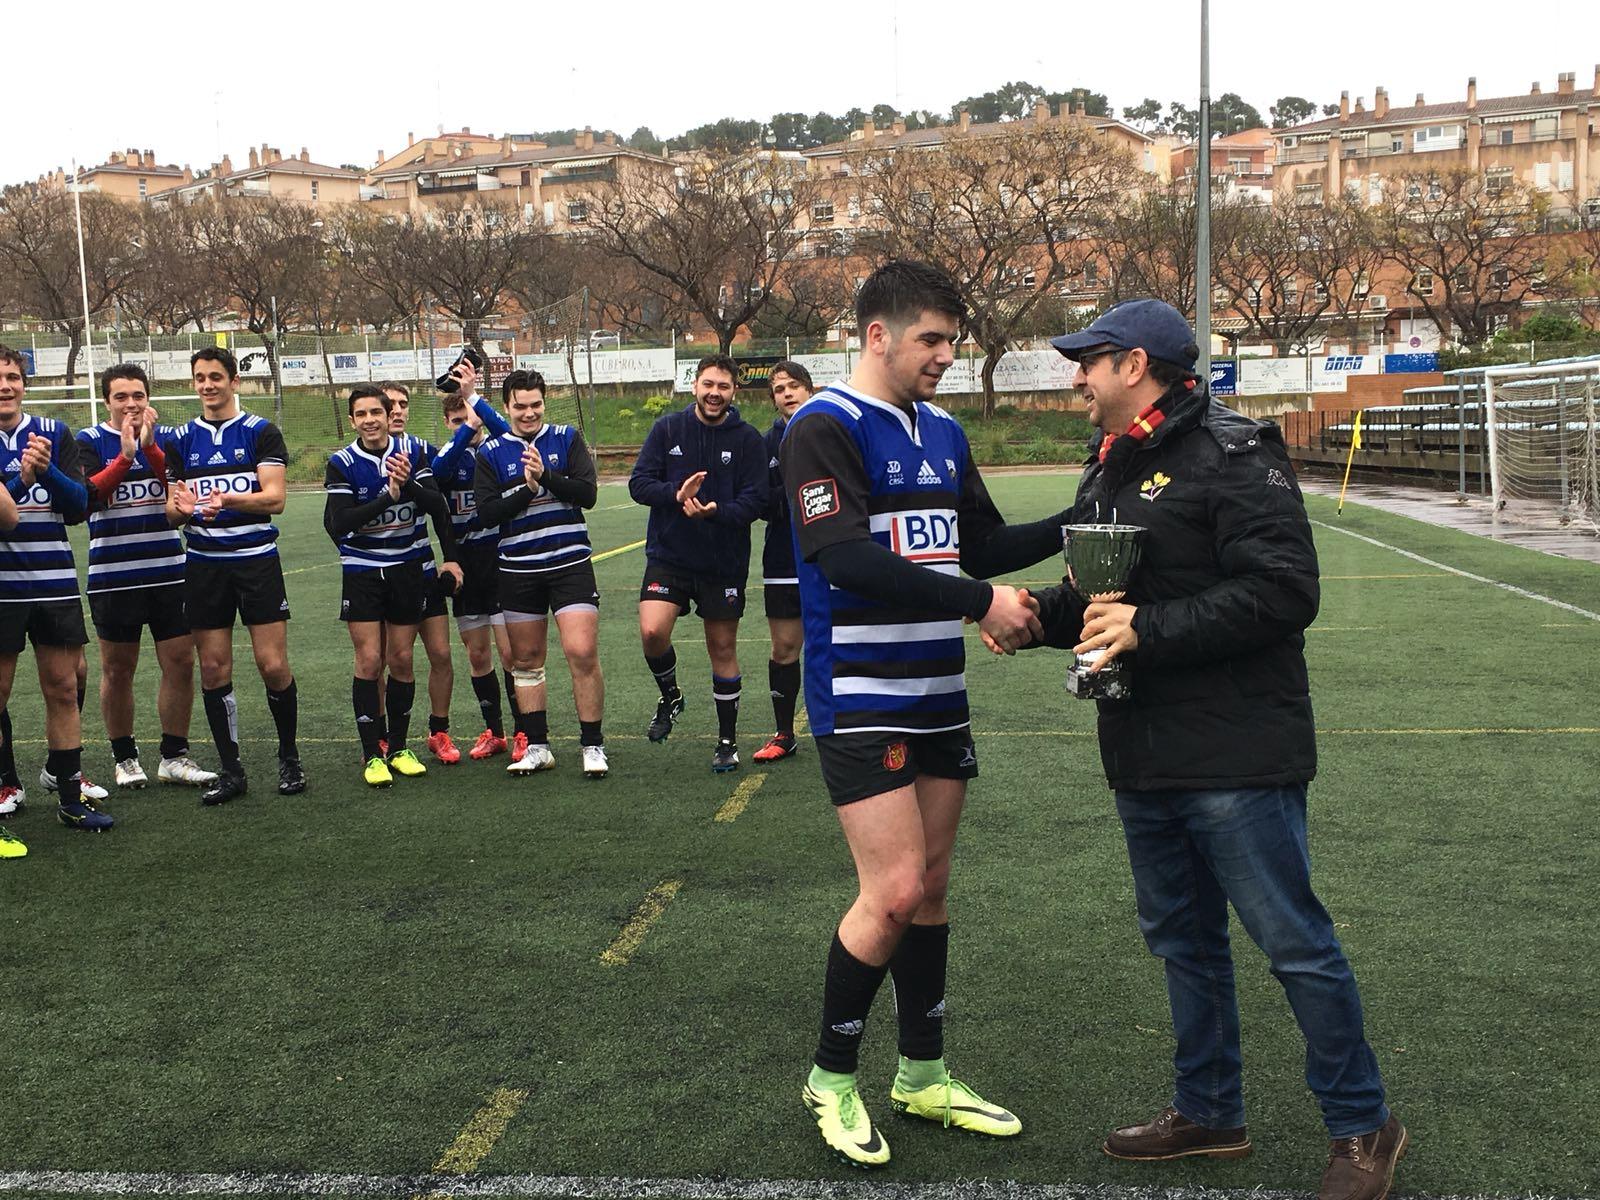 El capità del CR Sant Cugat rebent el trofeu de campió. FOTO: CRSC